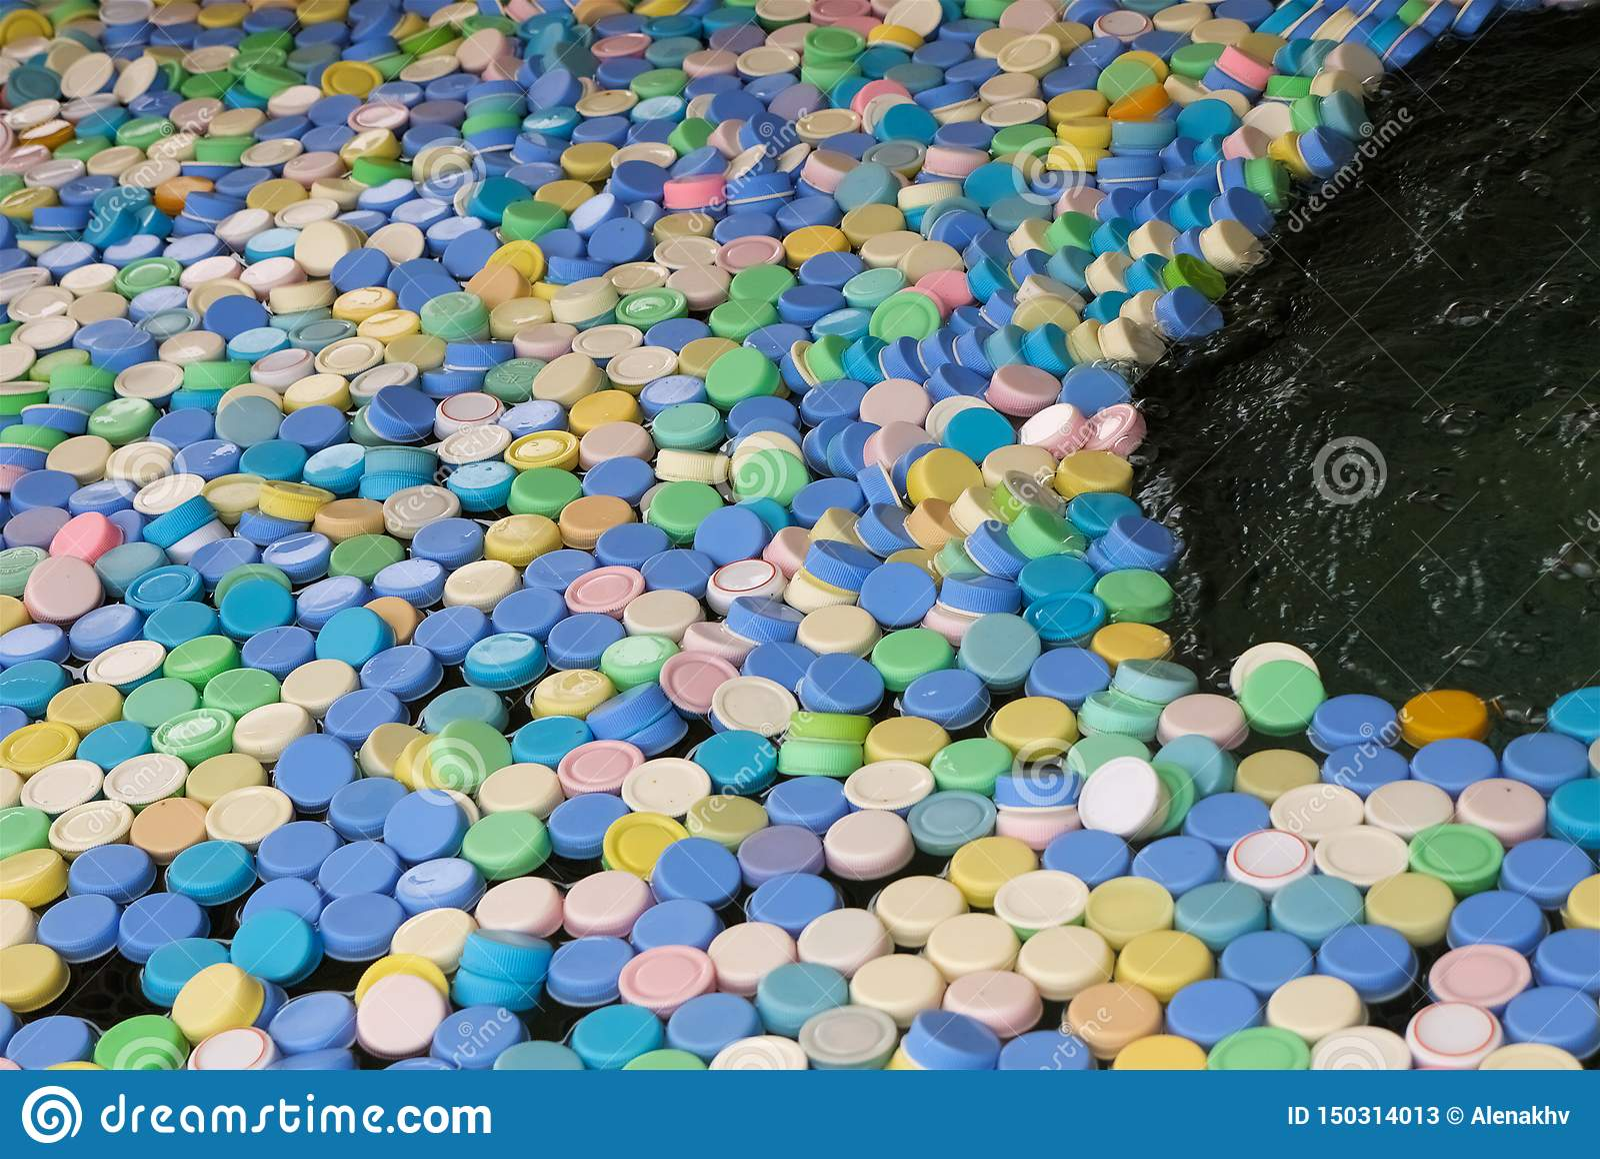 Muchos diversos casquillos de los colores de las botellas plásticas l